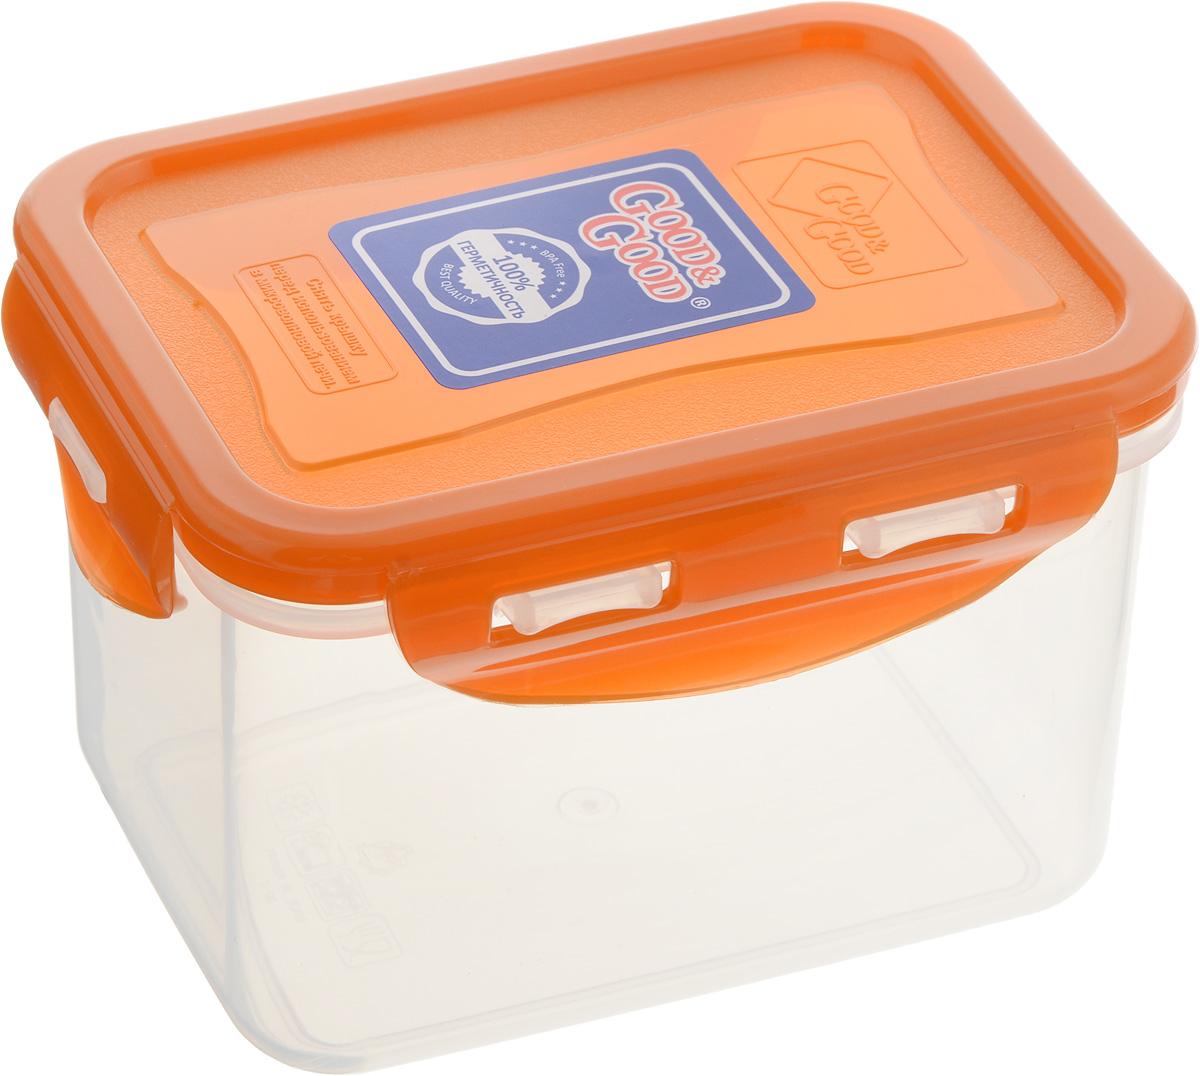 Контейнер пищевой Good&Good, цвет: прозрачный, оранжевый, 630 мл good